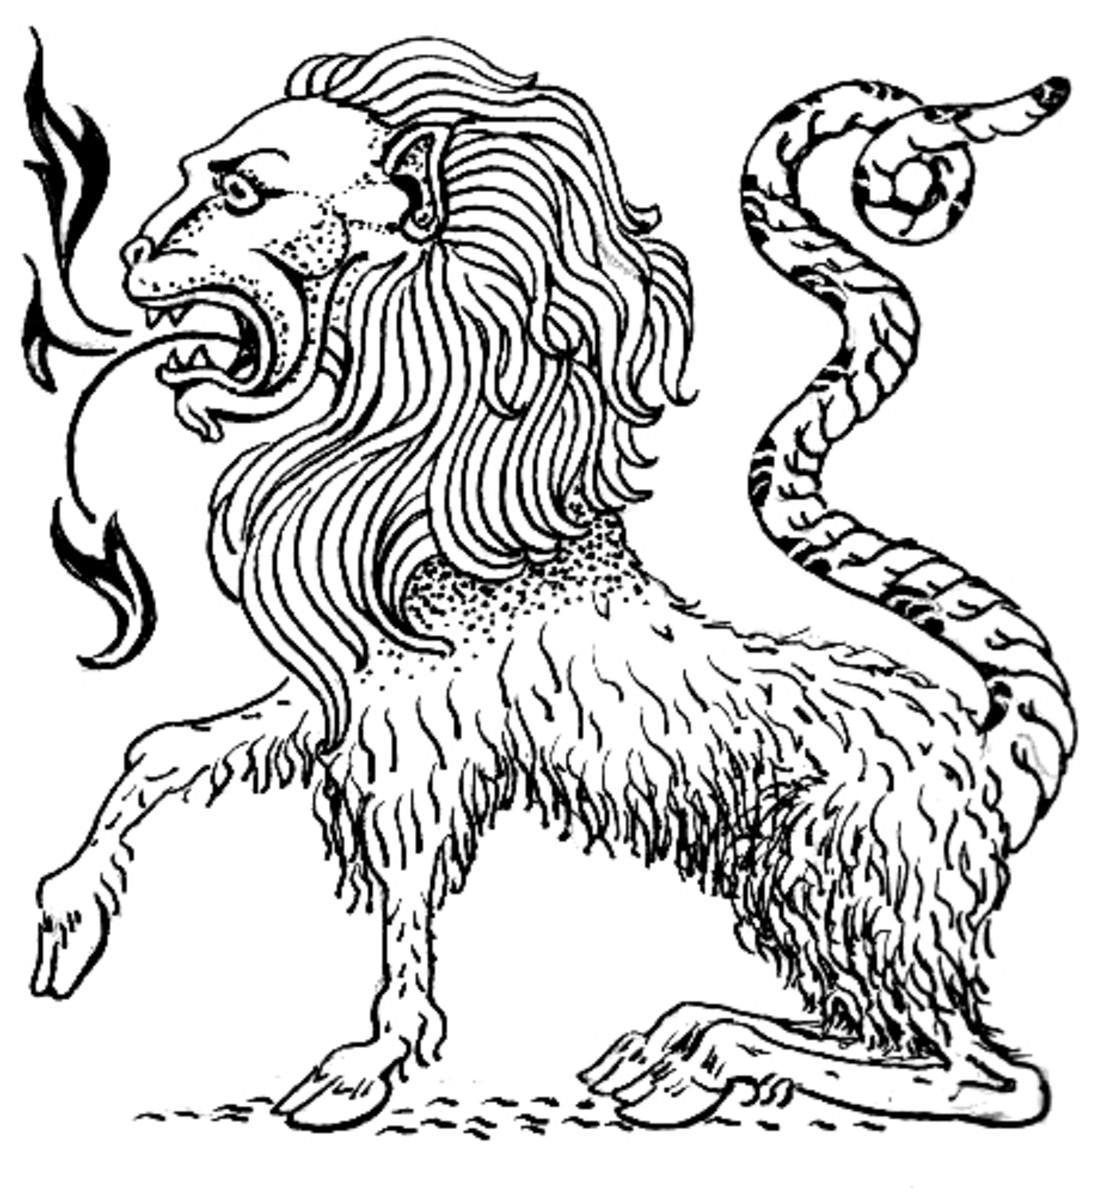 The Chimera in Greek Mythology